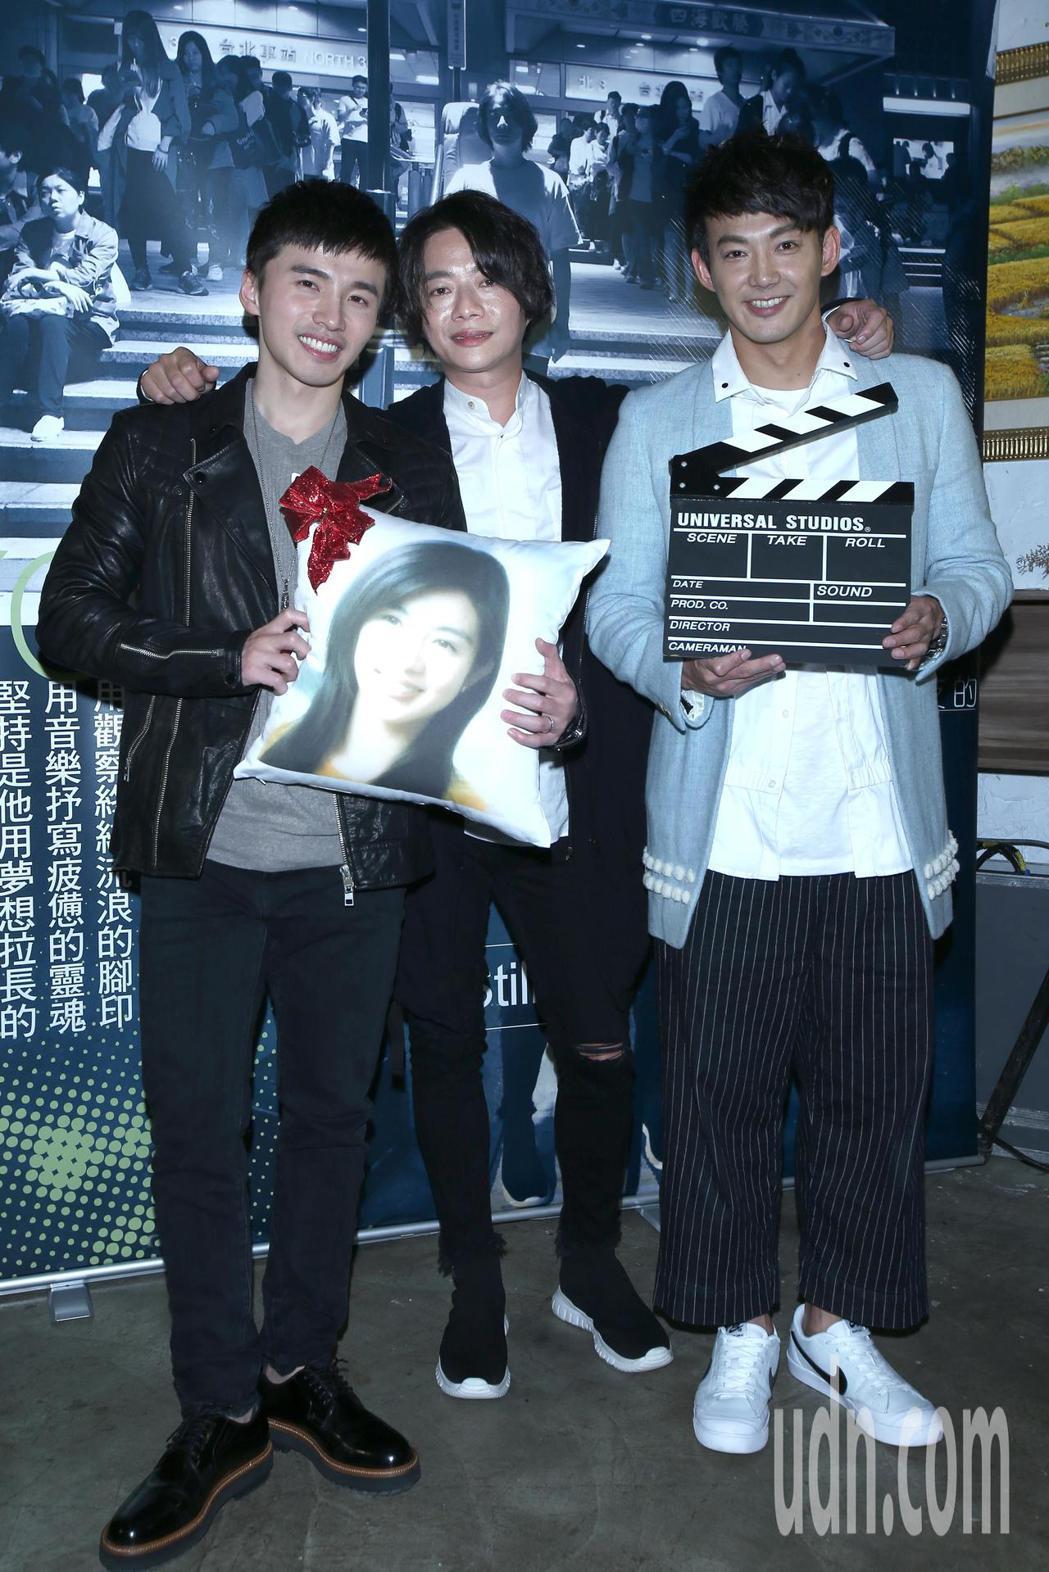 順鵬(中)舉行發片記者會,阿緯(左)與威廉(右)站台送上禮物,吳克群則是與母親各